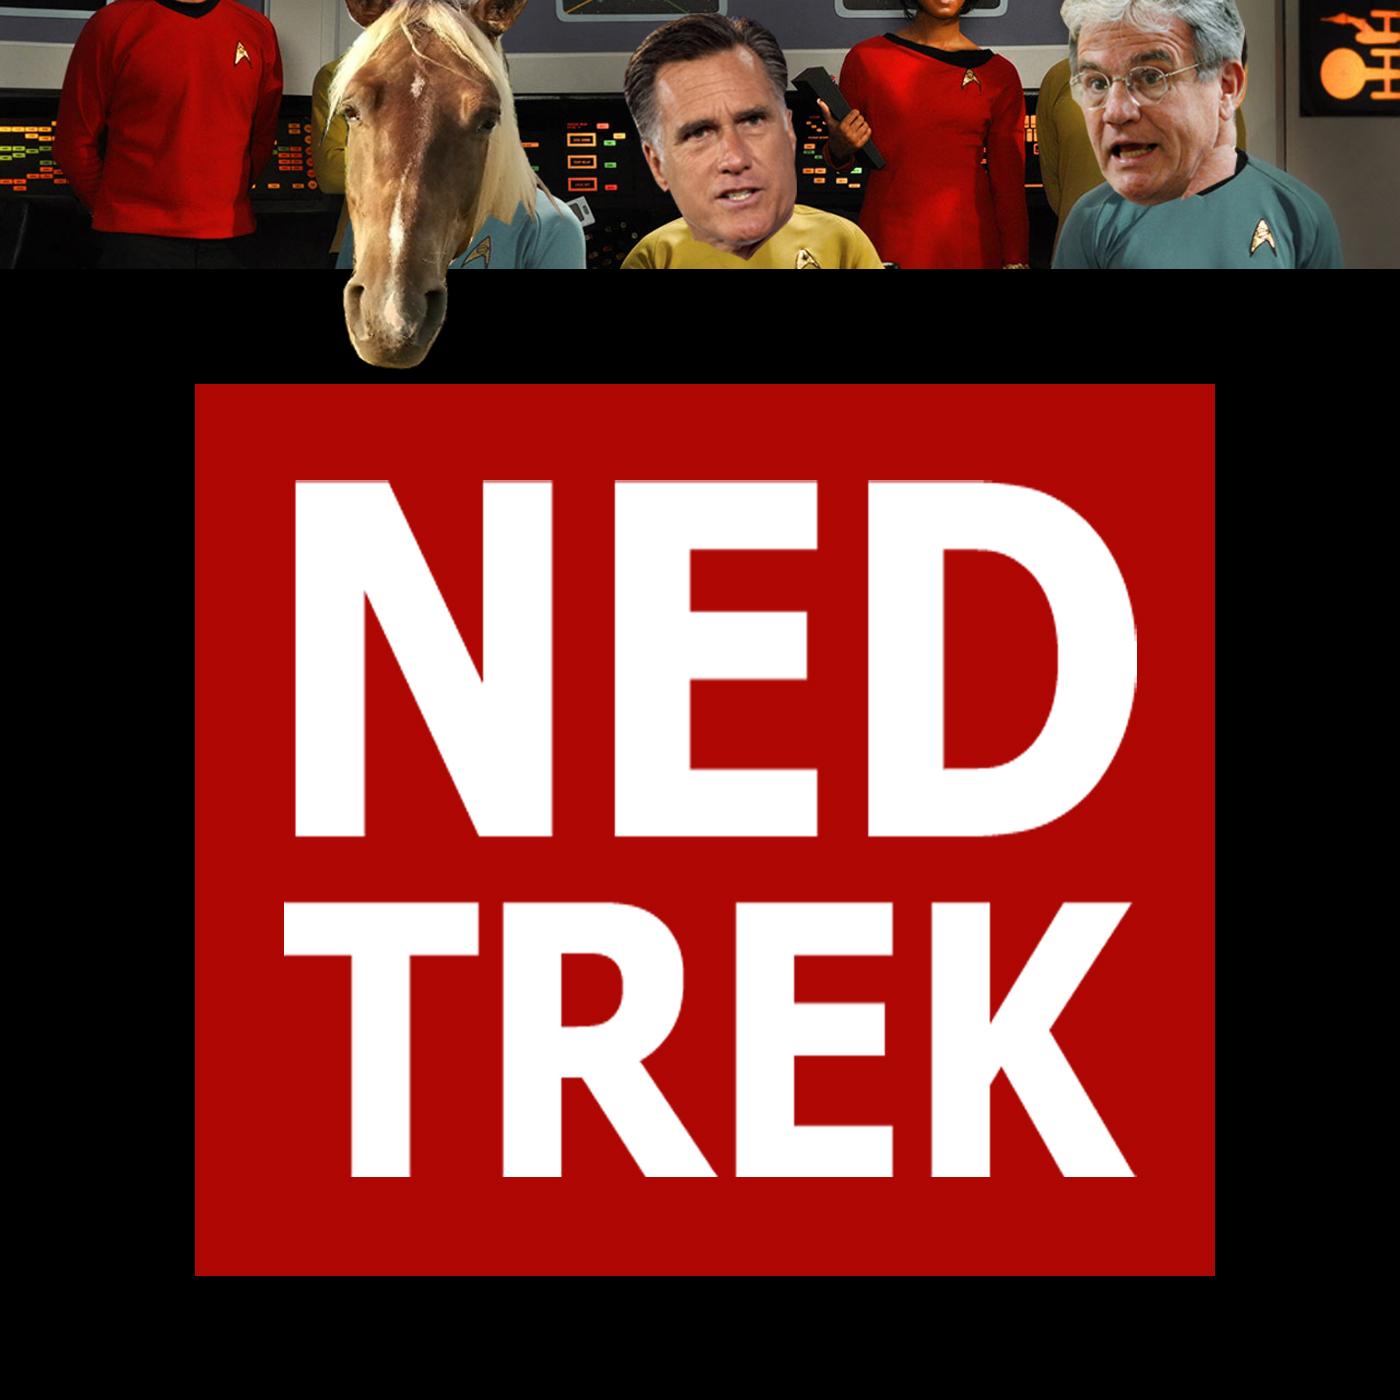 Ned Trek